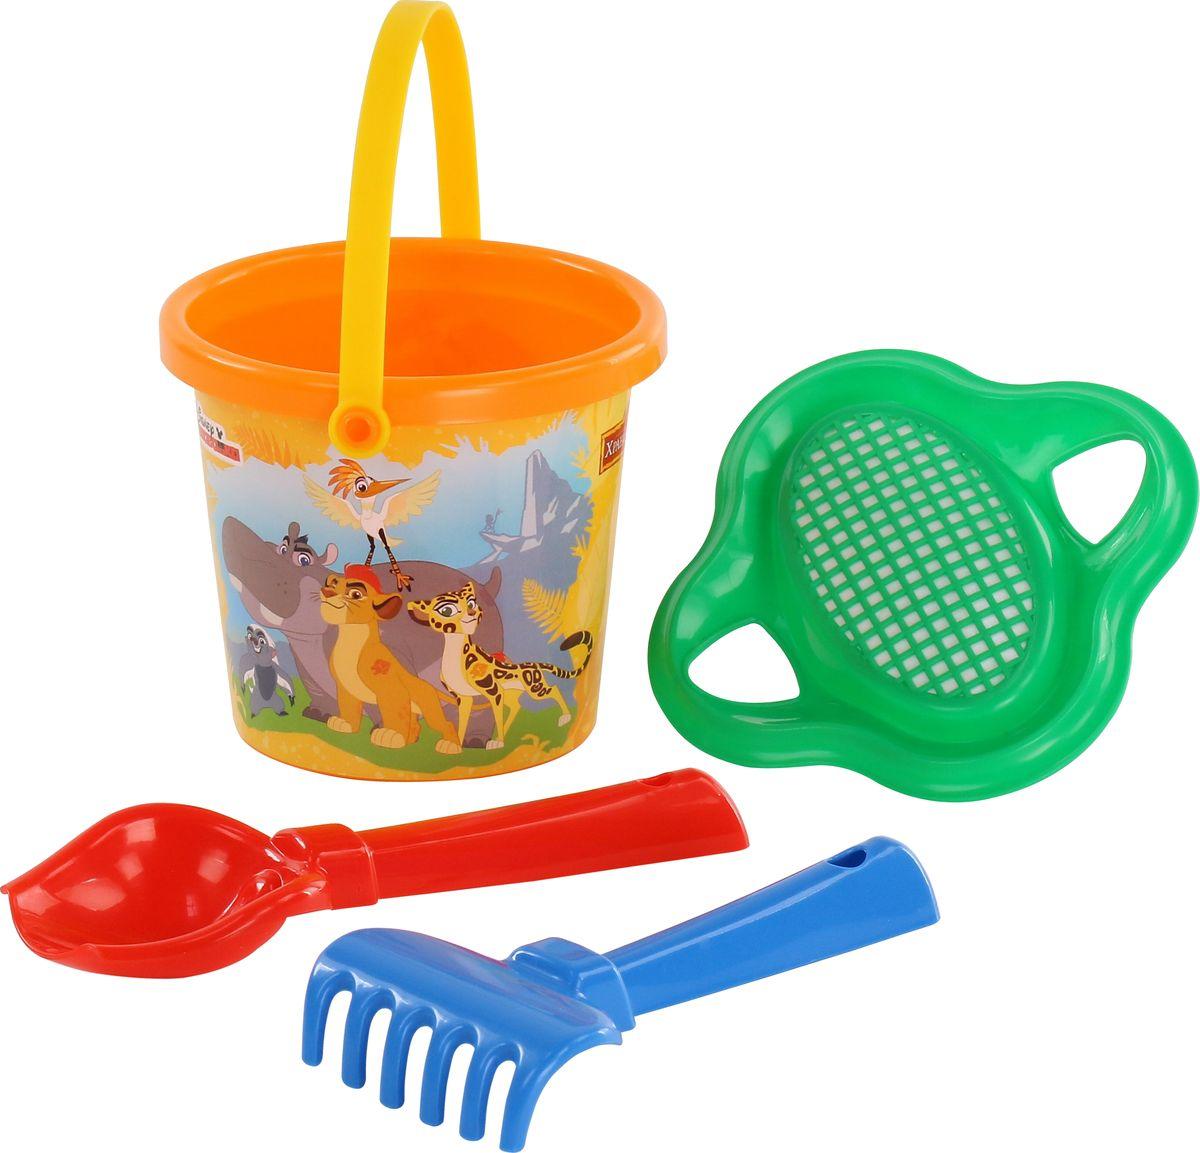 Disney Набор игрушек для песочницы Хранитель Лев №2, цвет в ассортименте disney набор игрушек для песочницы минни 4 цвет в ассортименте